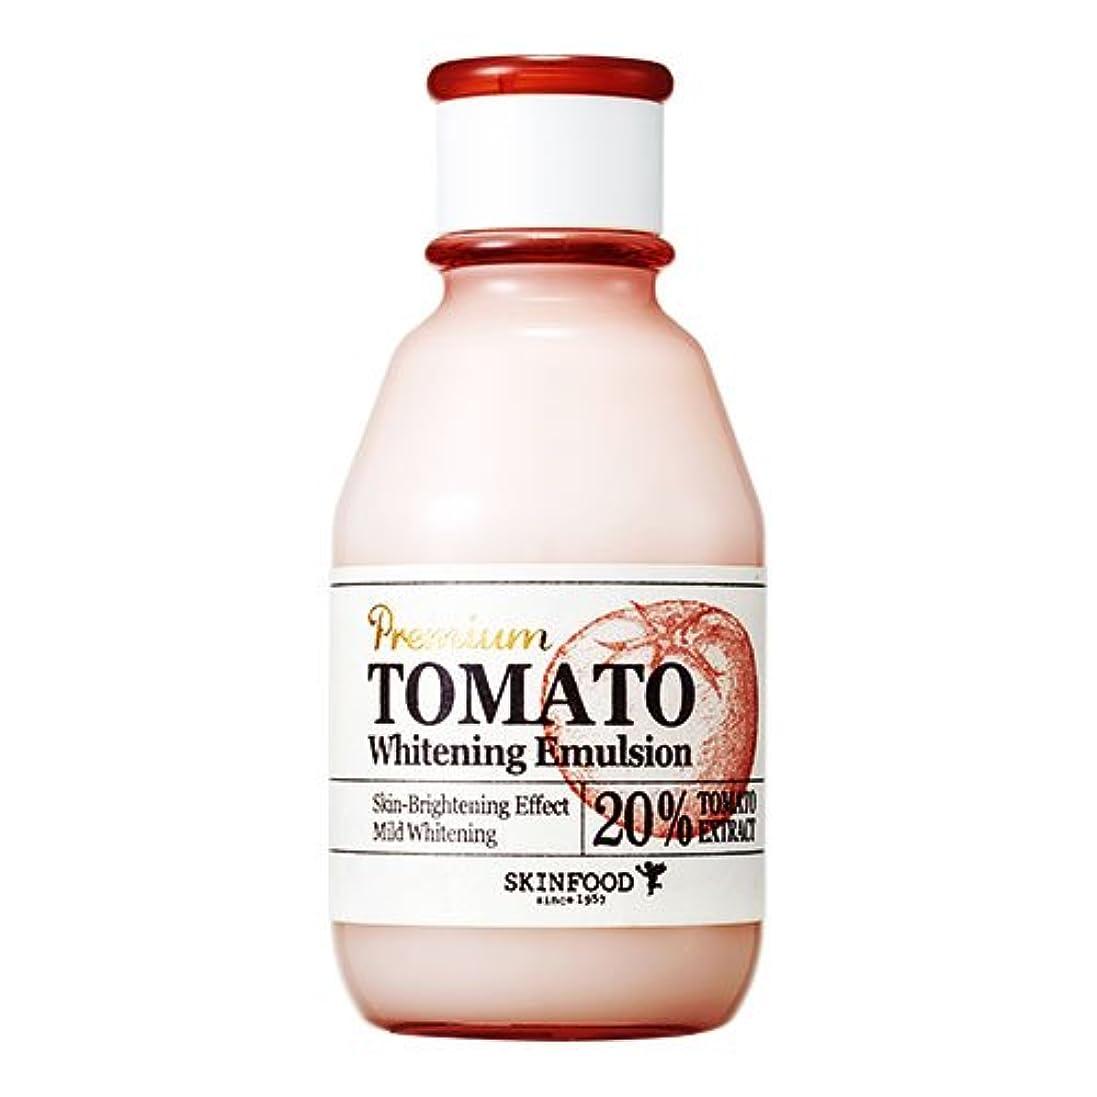 司教古くなった戦士[スキンフード] SKINFOOD プレミアムトマトホワイトニングエマルジョン Premium Tomato Whitening Emulsion (海外直送品) [並行輸入品]